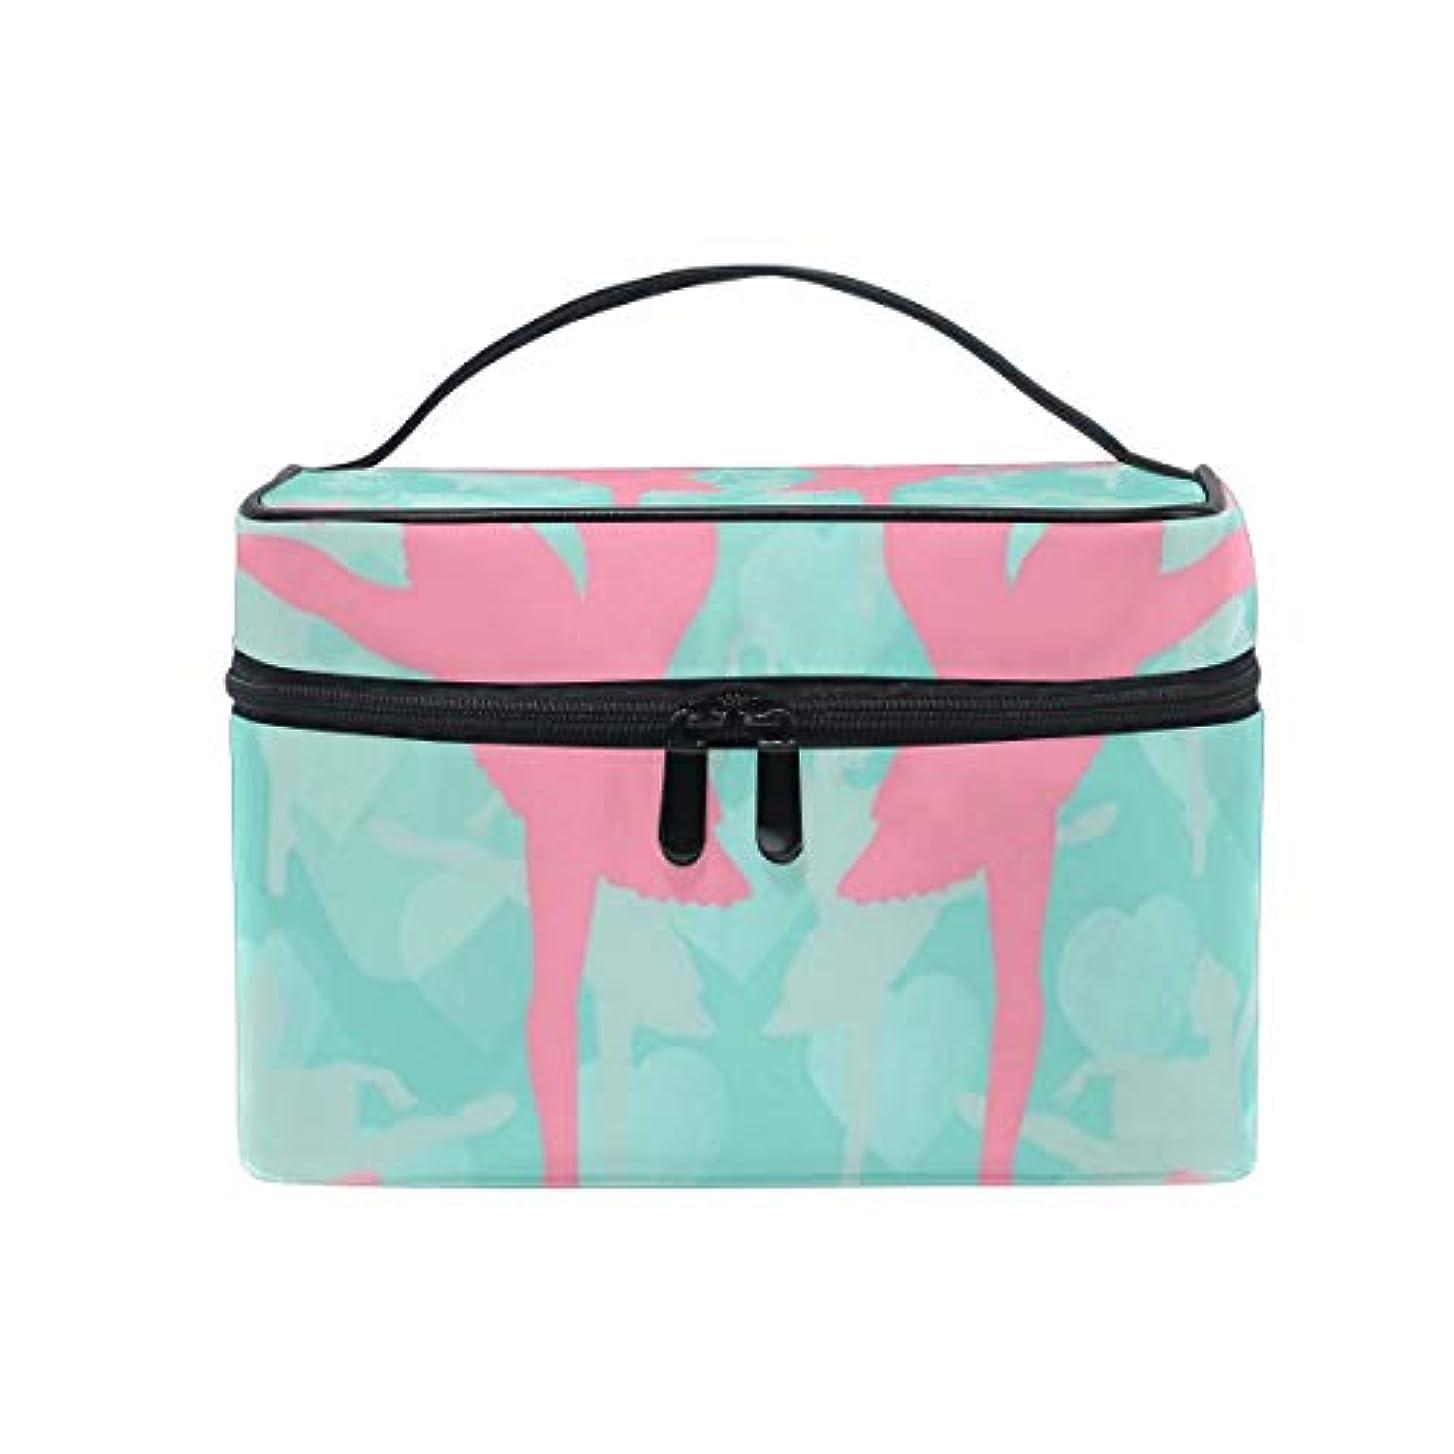 包括的ヒギンズ厚いメイクボックス 粉彩バレエ柄 化粧ポーチ 化粧品 化粧道具 小物入れ メイクブラシバッグ 大容量 旅行用 収納ケース